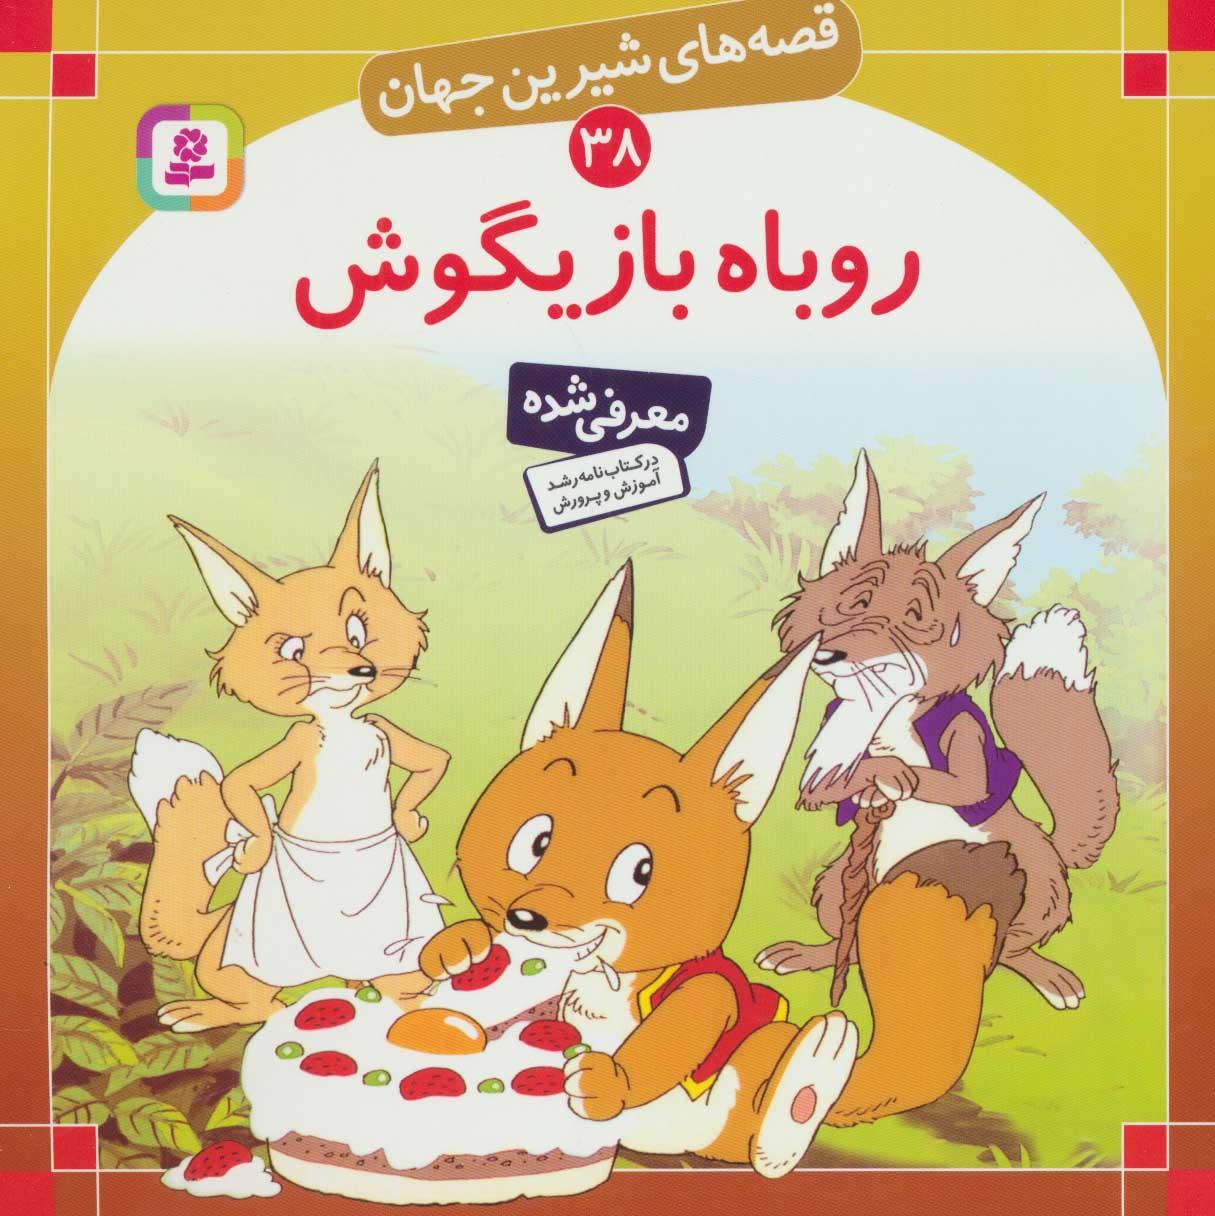 قصه های شیرین جهان38 (روباه بازیگوش)